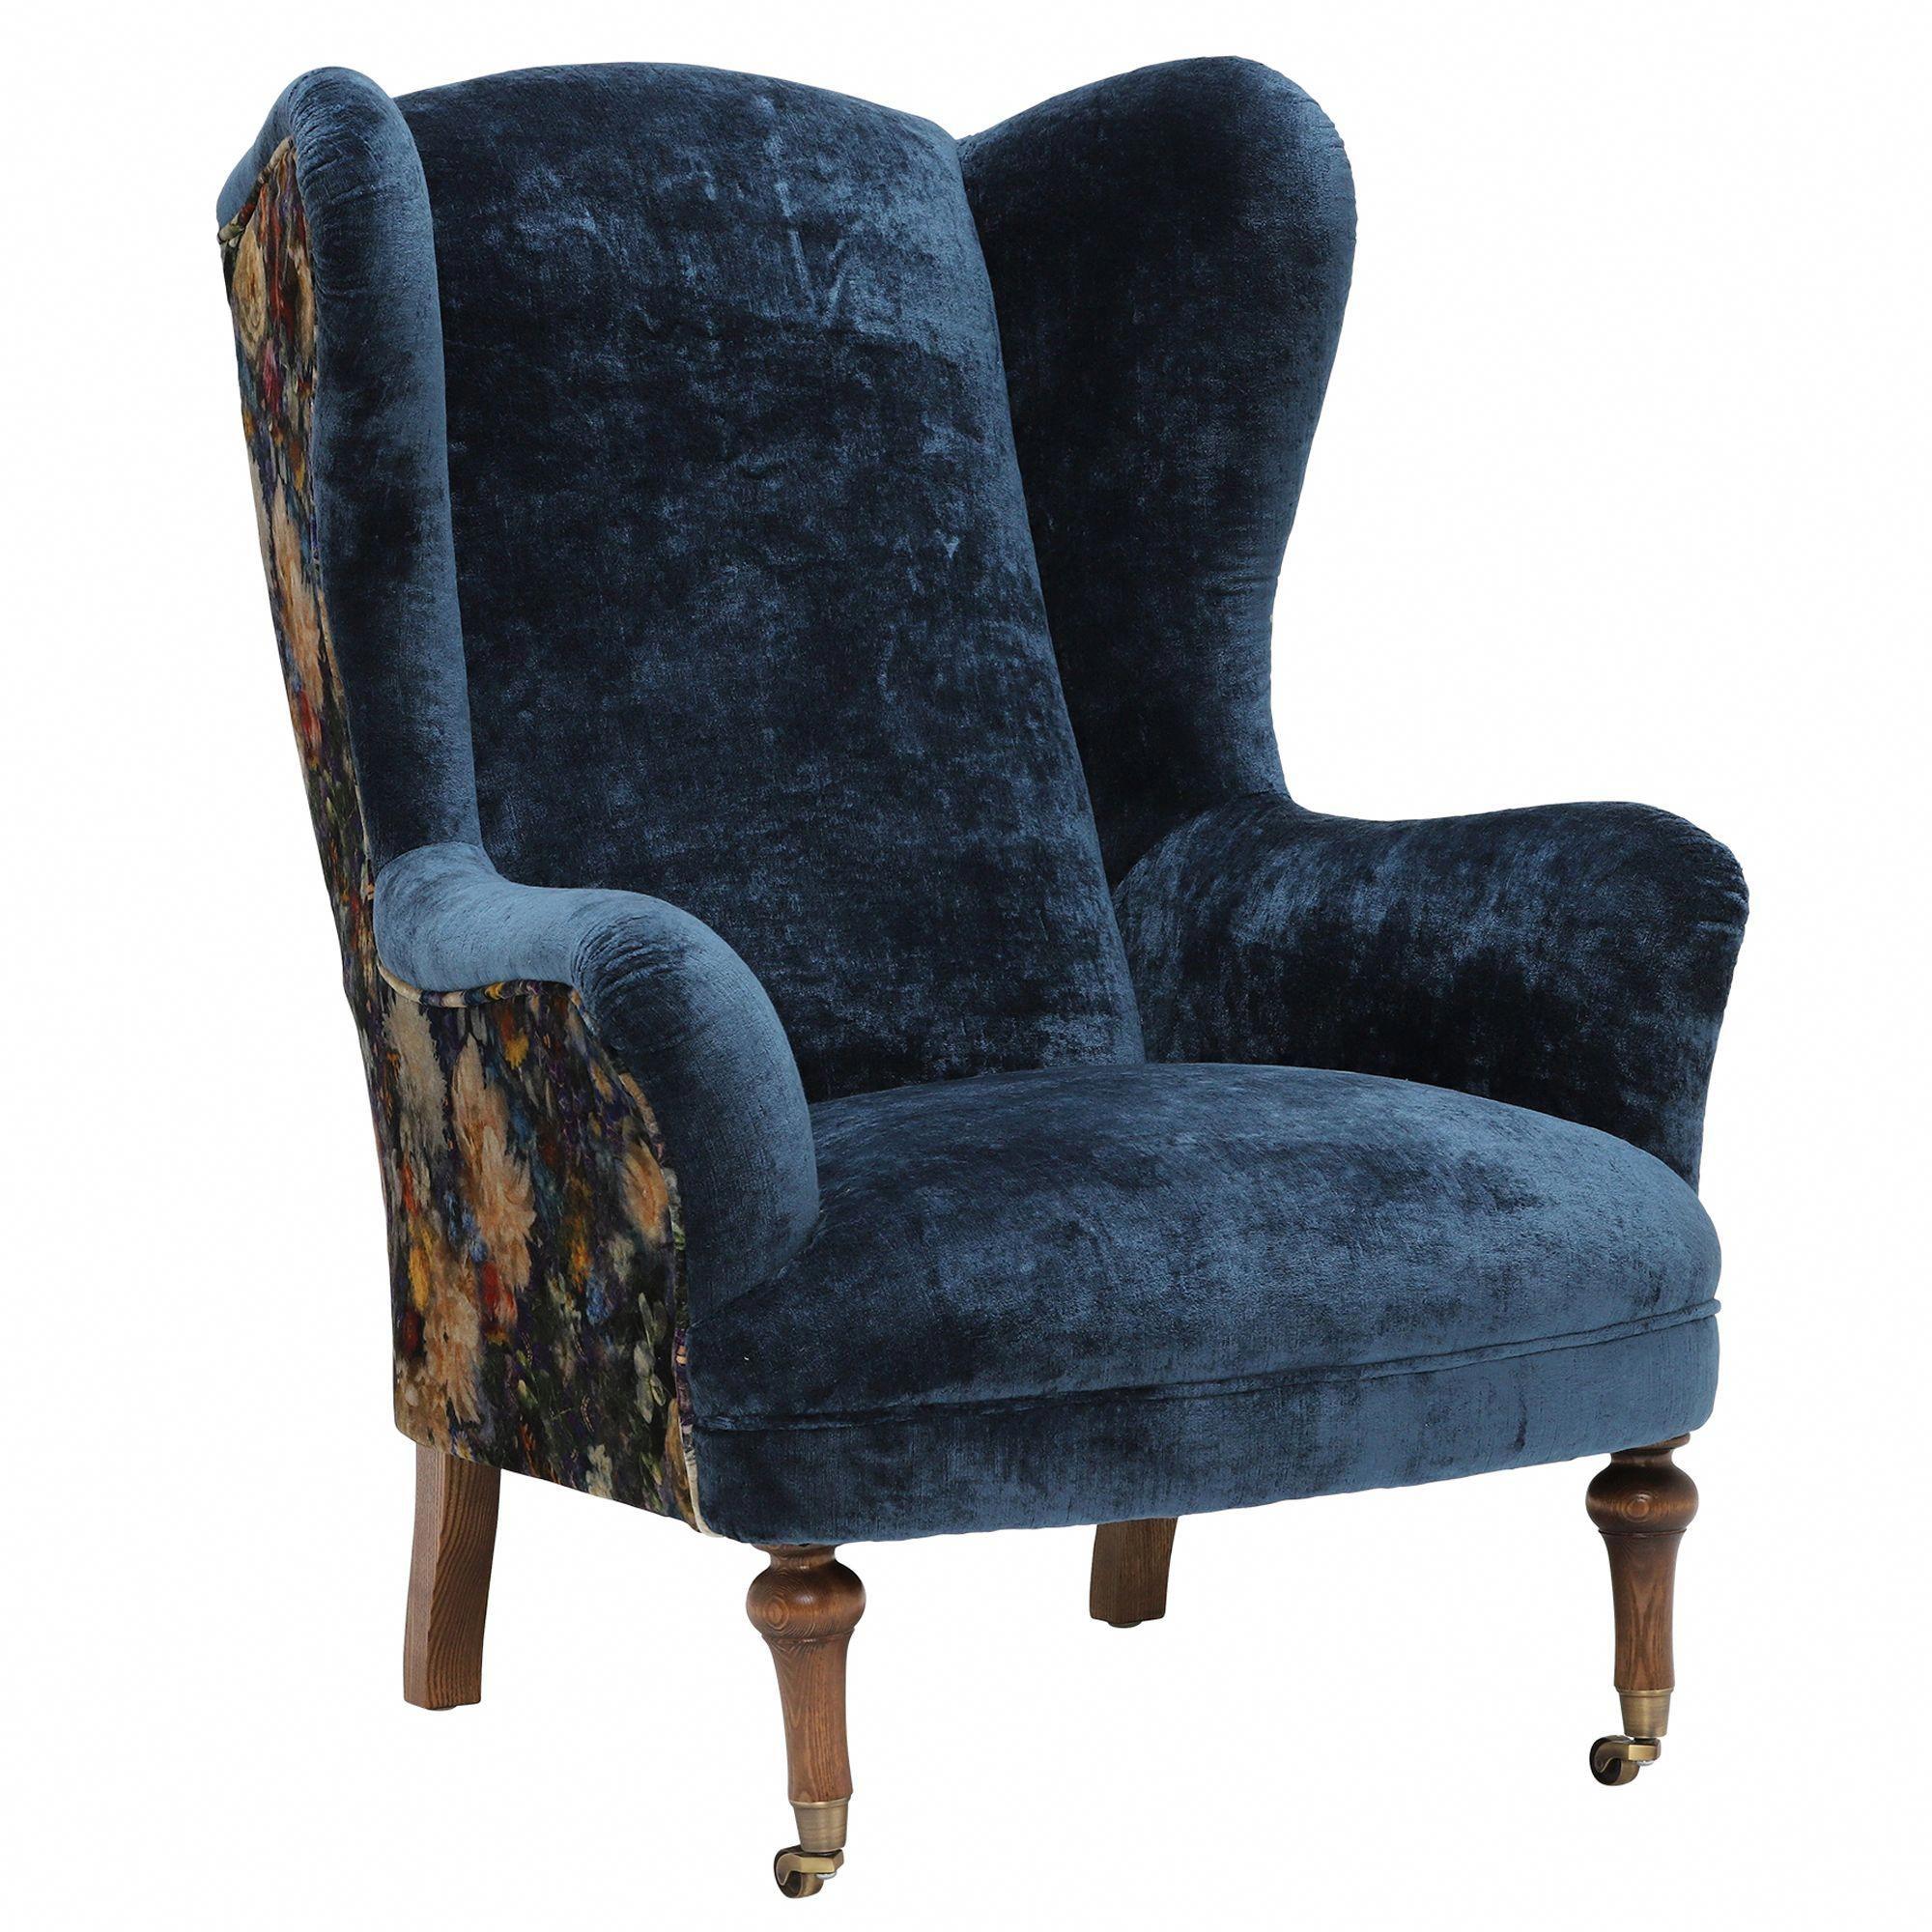 Marchmont Velvet Wingback Chair Barker Stonehouse In 2020 Leather Wingback Chair Wingback Chair Wingback Chair Living Room #wingback #living #room #chairs